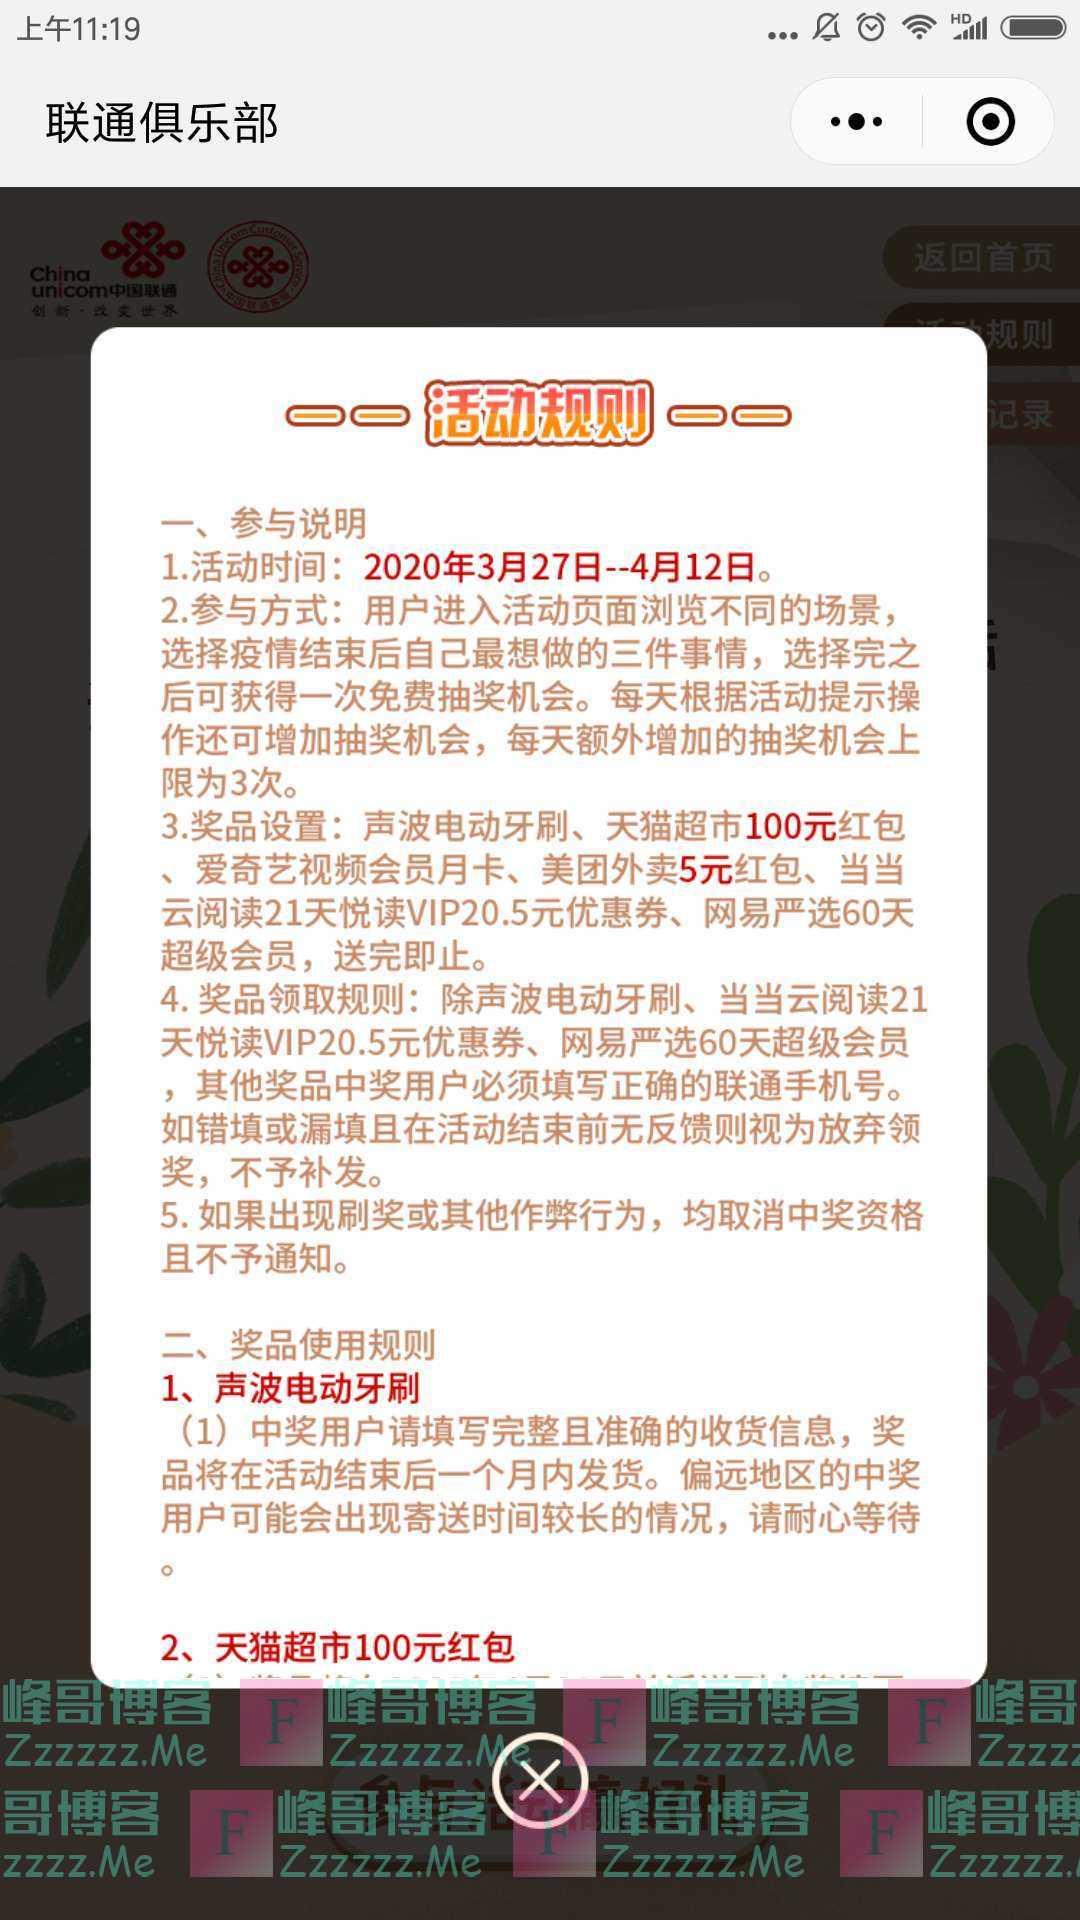 中国联通客服抽天猫100元红包、电动牙刷(截止4月12日)